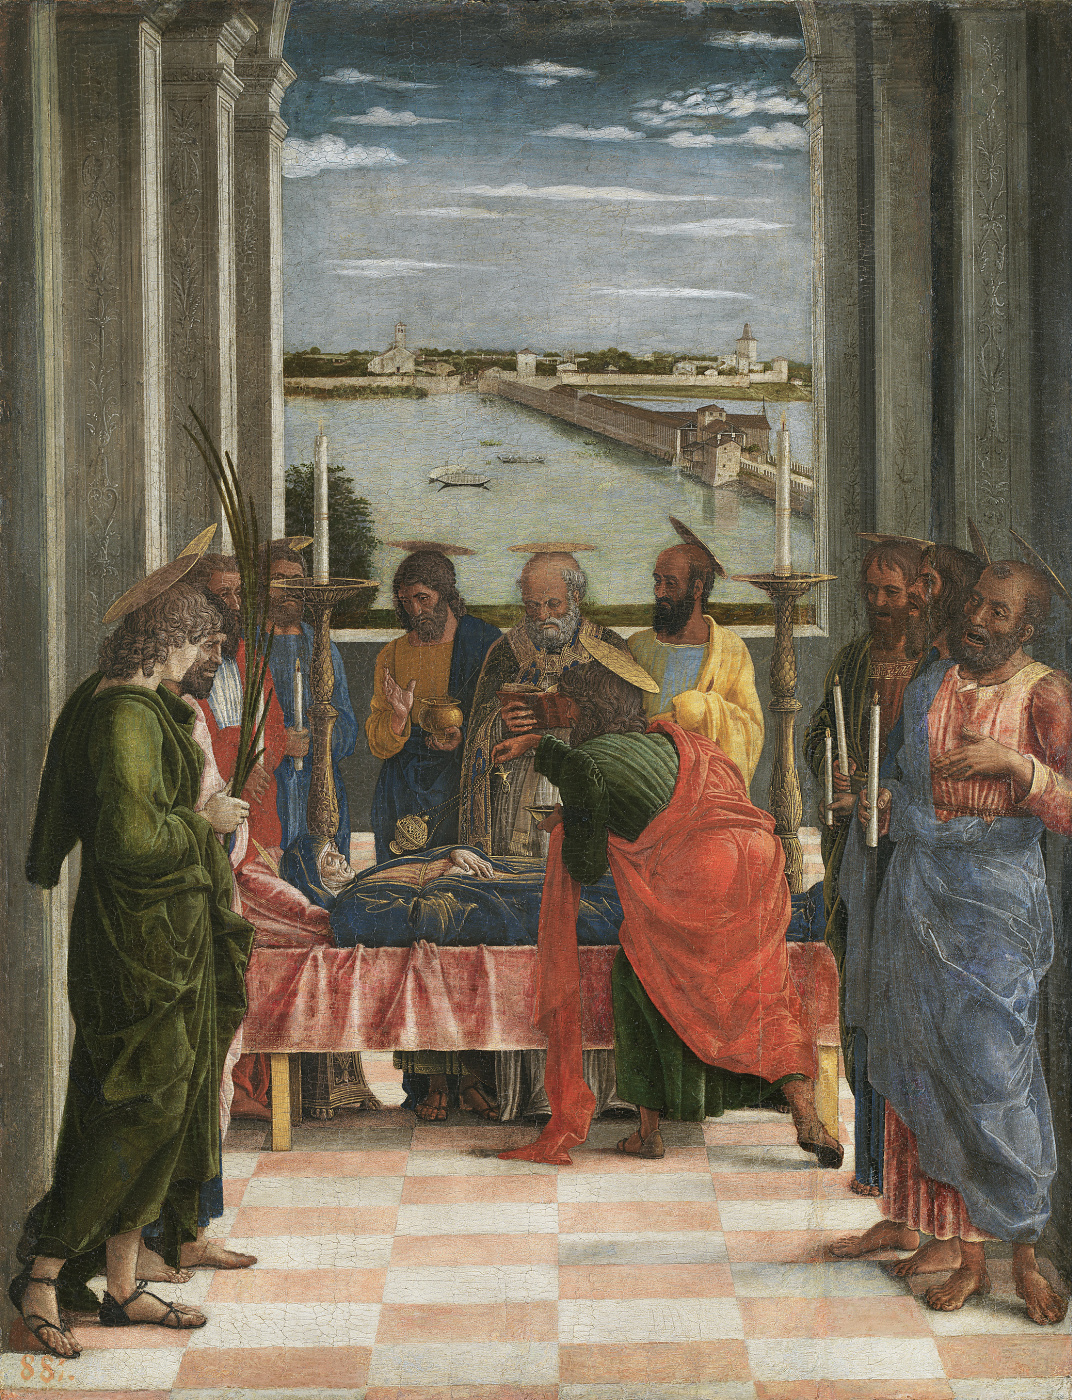 Andrea Mantegna. Assumption of the Virgin